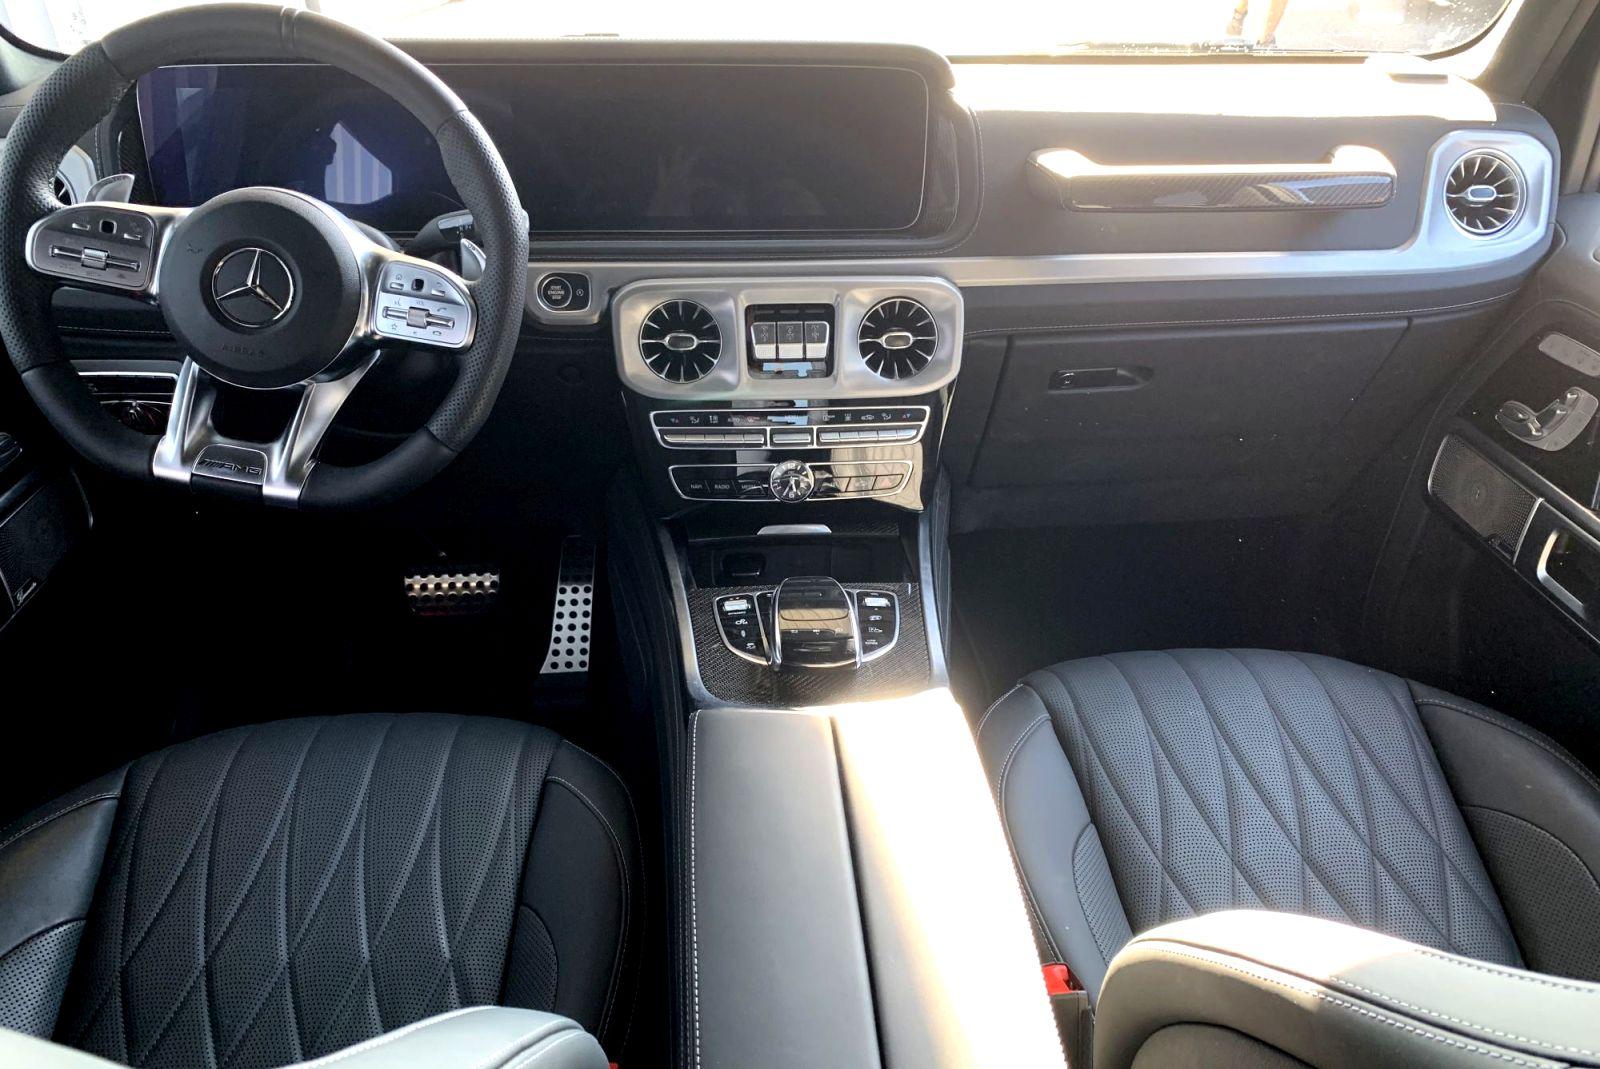 Mercedes Benz G63 mieten